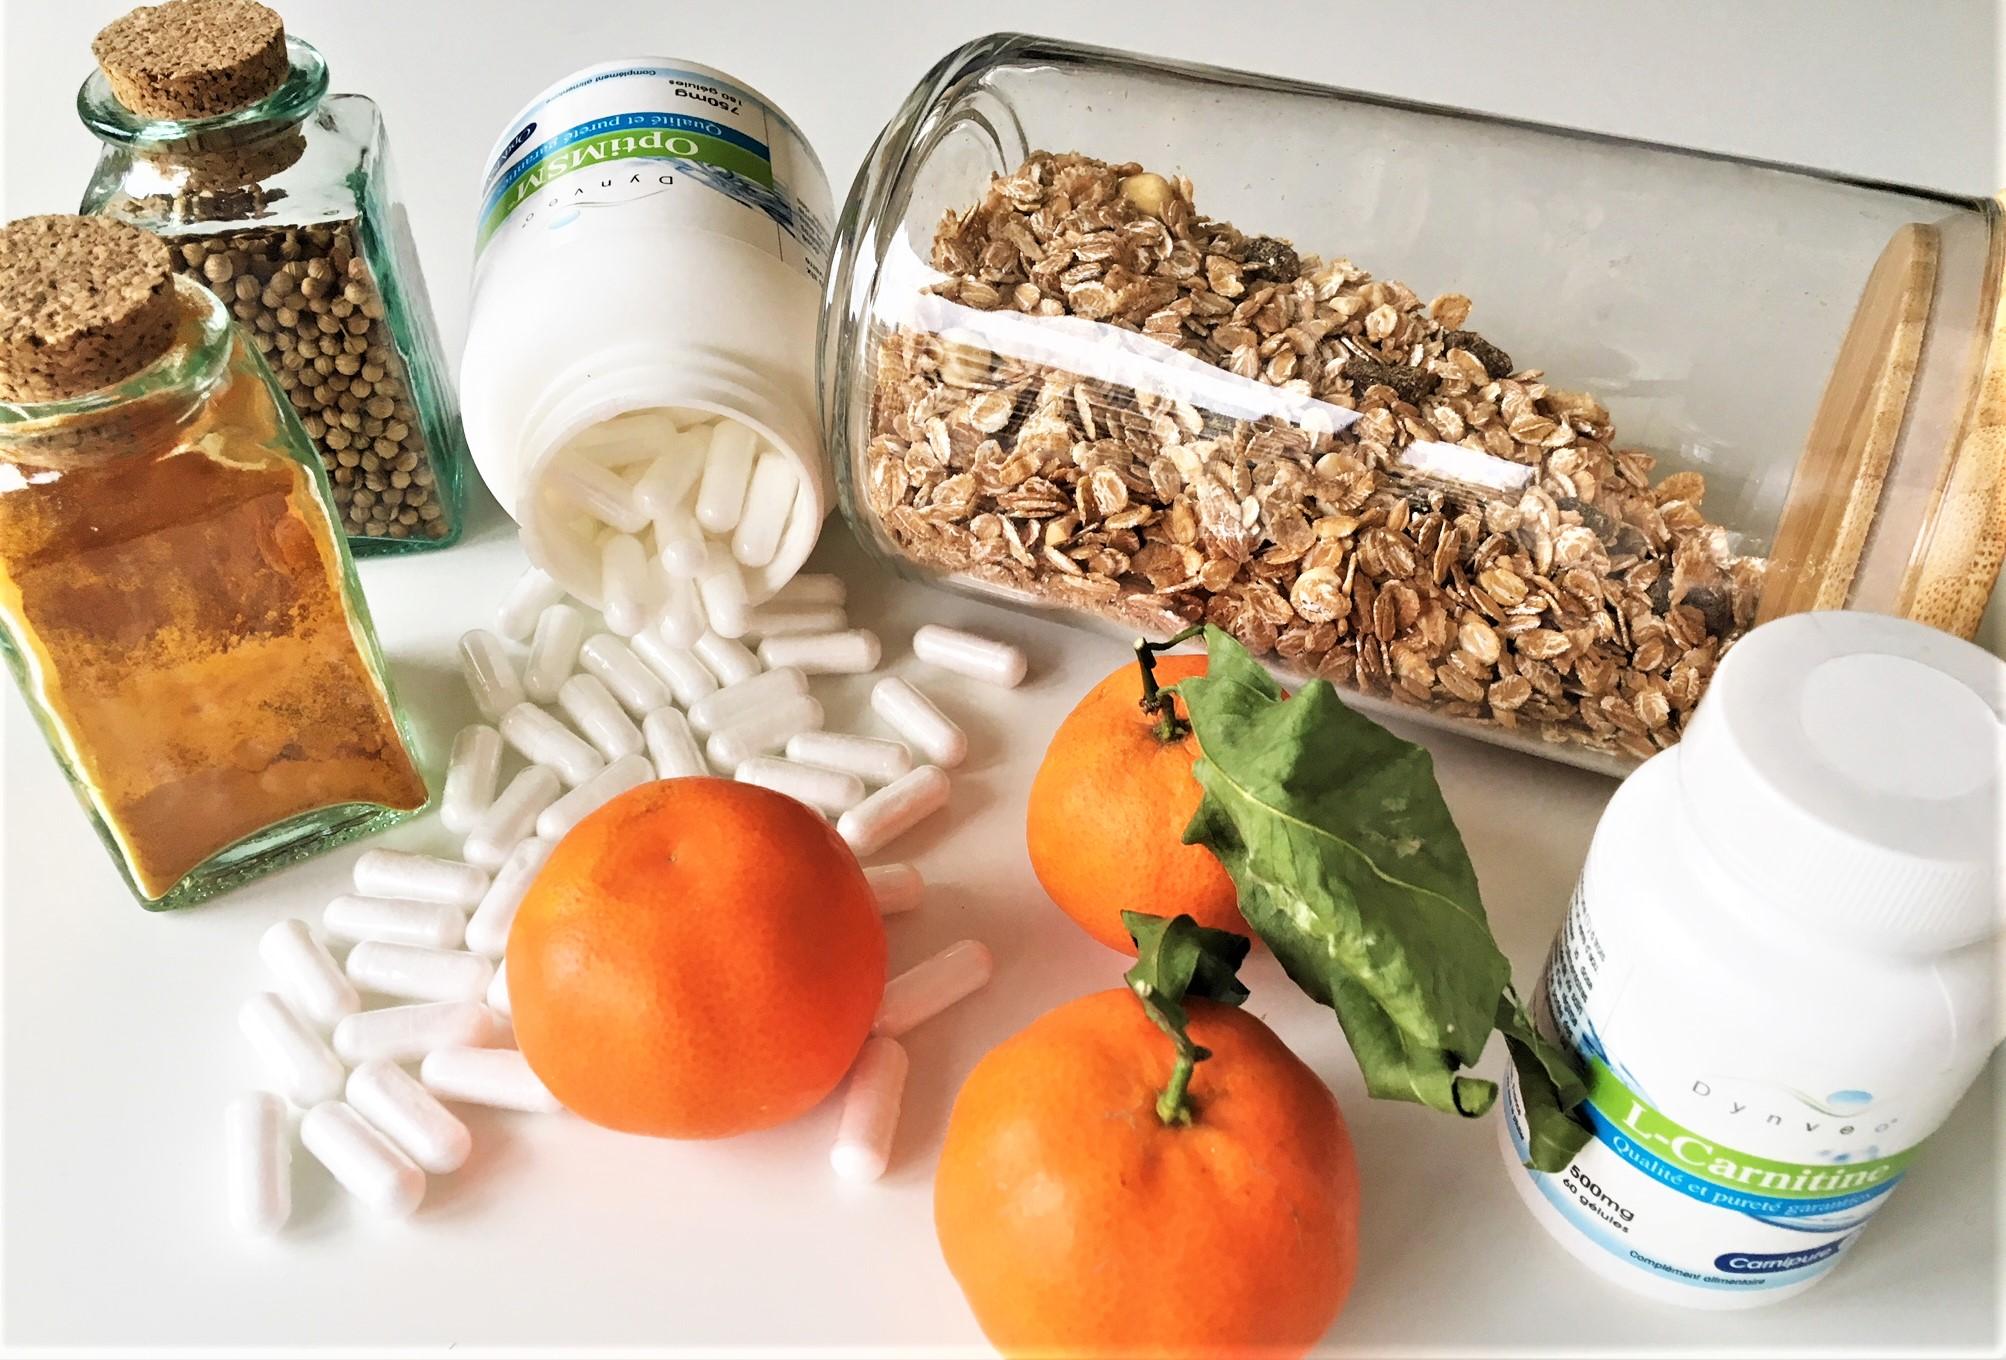 Compléments alimentaires naturels Dynveo, laboratoire français